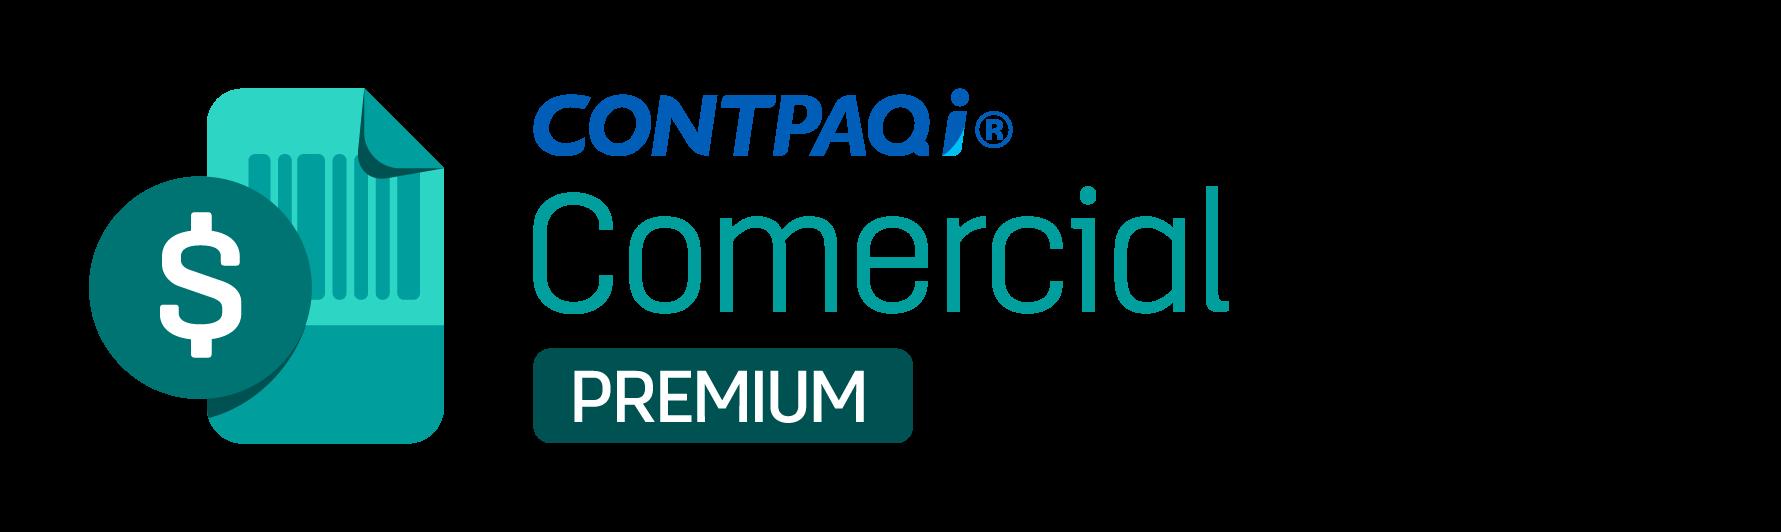 https://0201.nccdn.net/1_2/000/000/0c1/0ff/contpaqi_submarca_comercial_premium_rgb_a.png